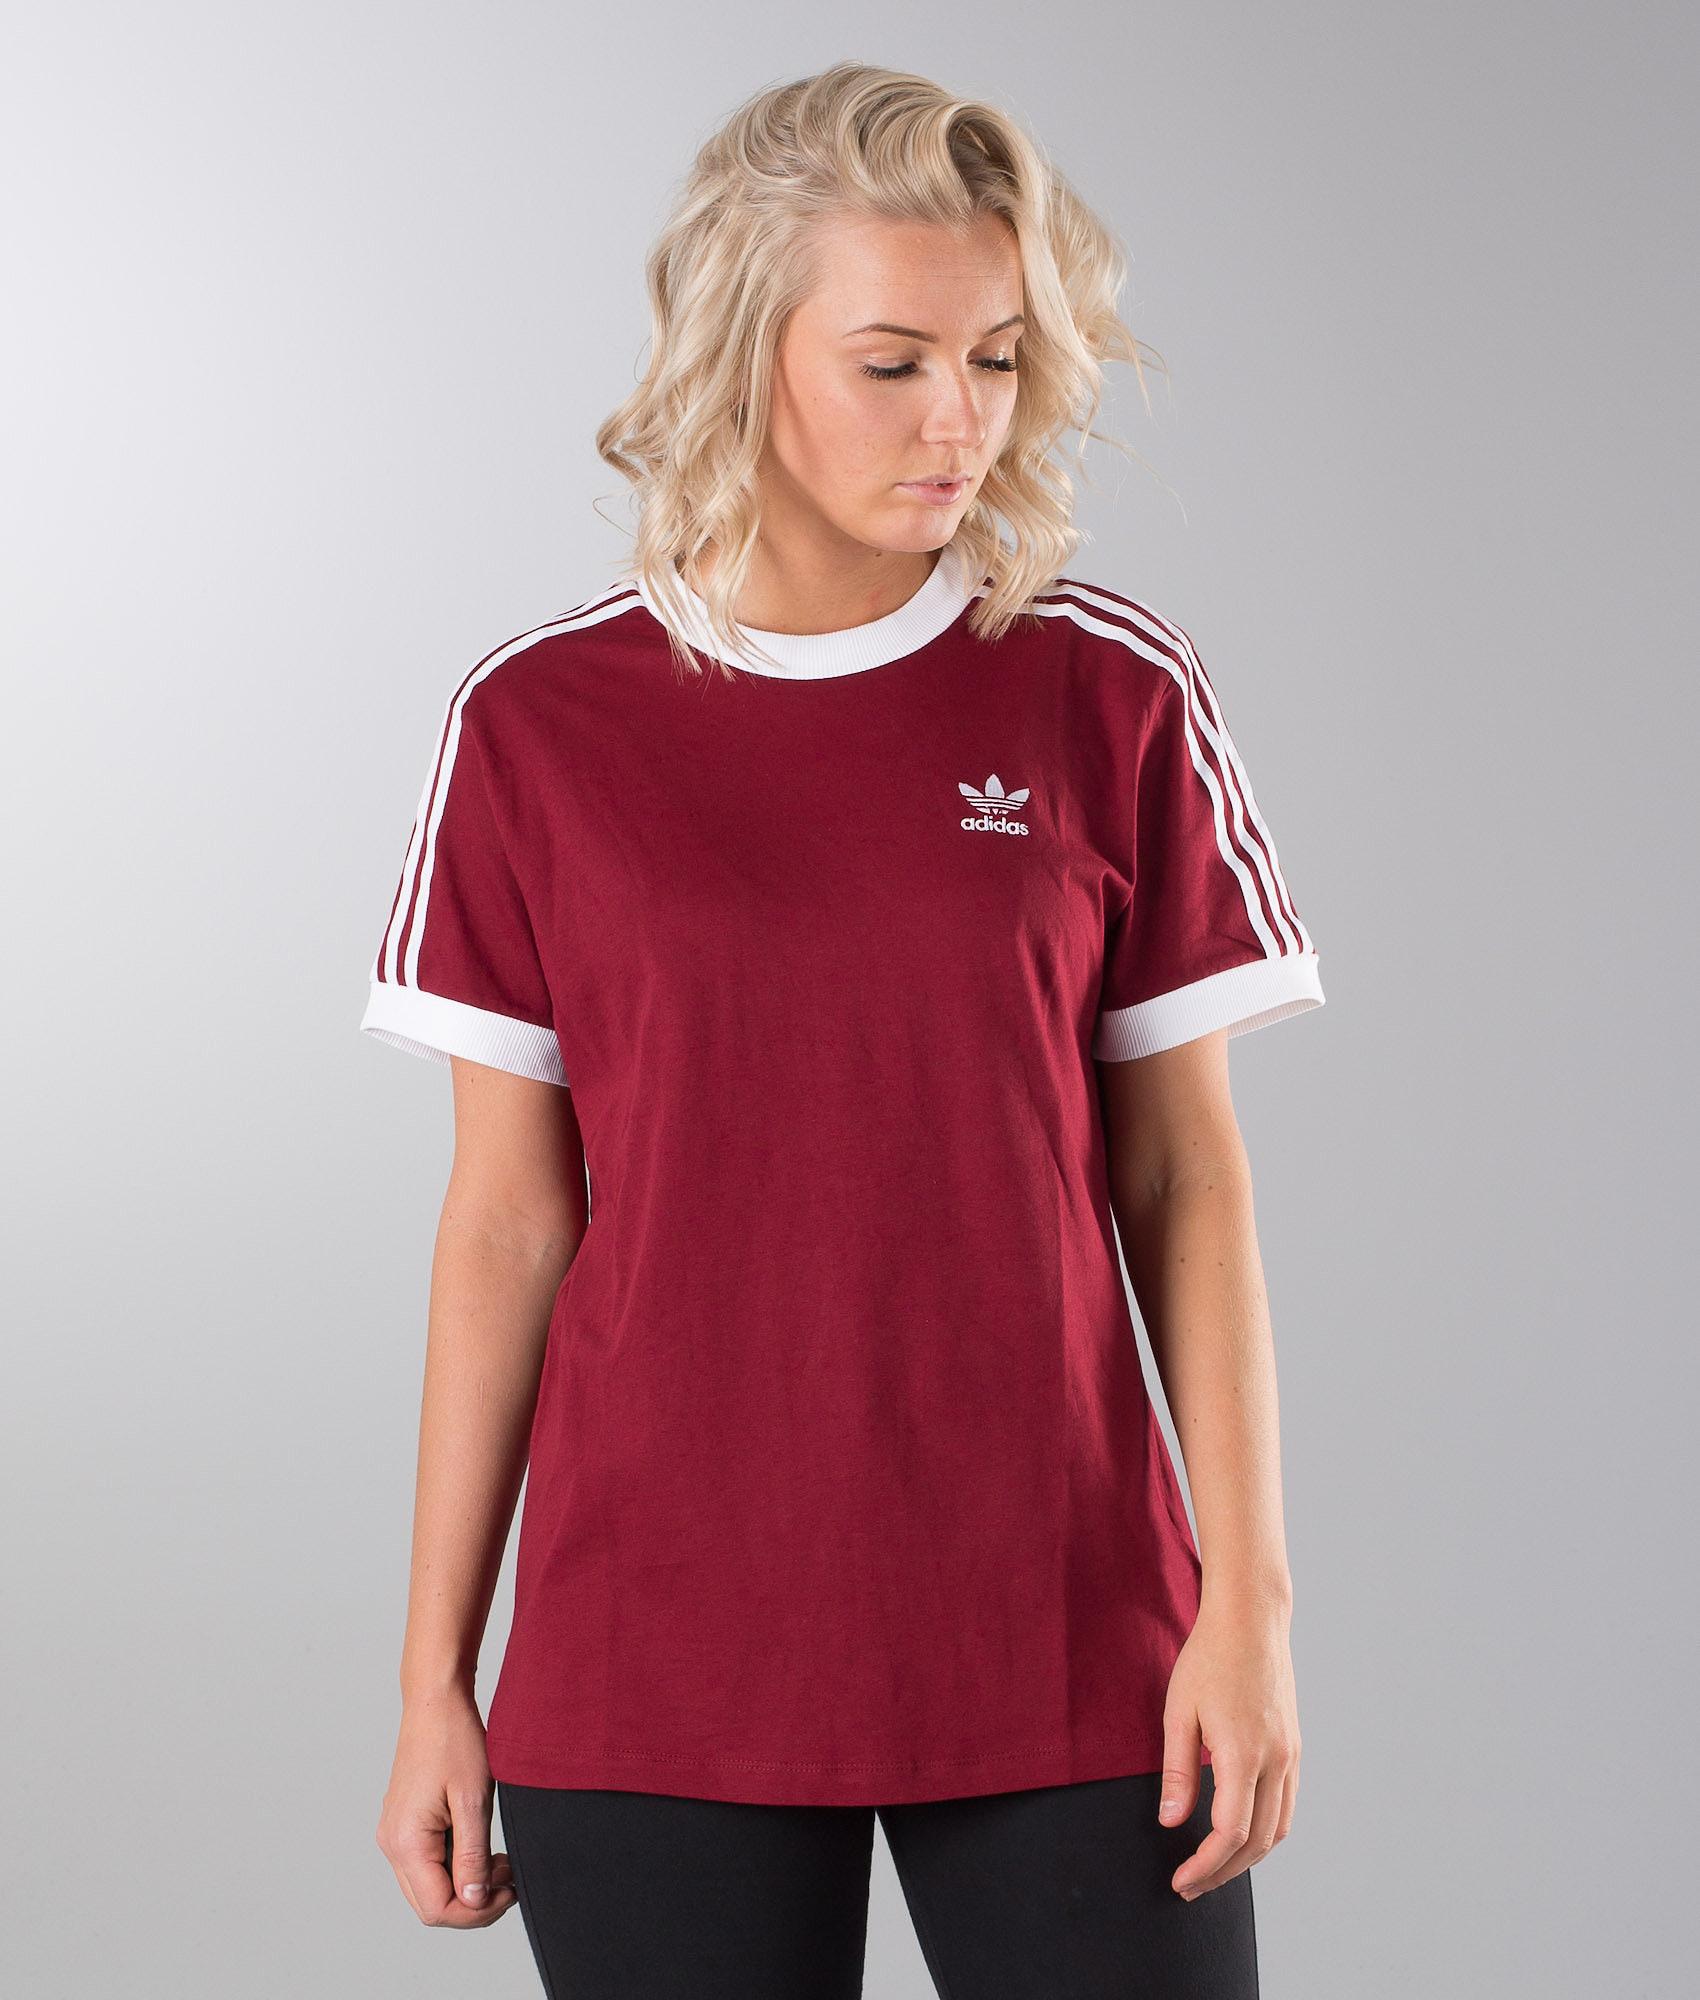 b6a64415555e10 Adidas Originals 3 Stripes T-shirt Collegiate Burgundy - Ridestore.com